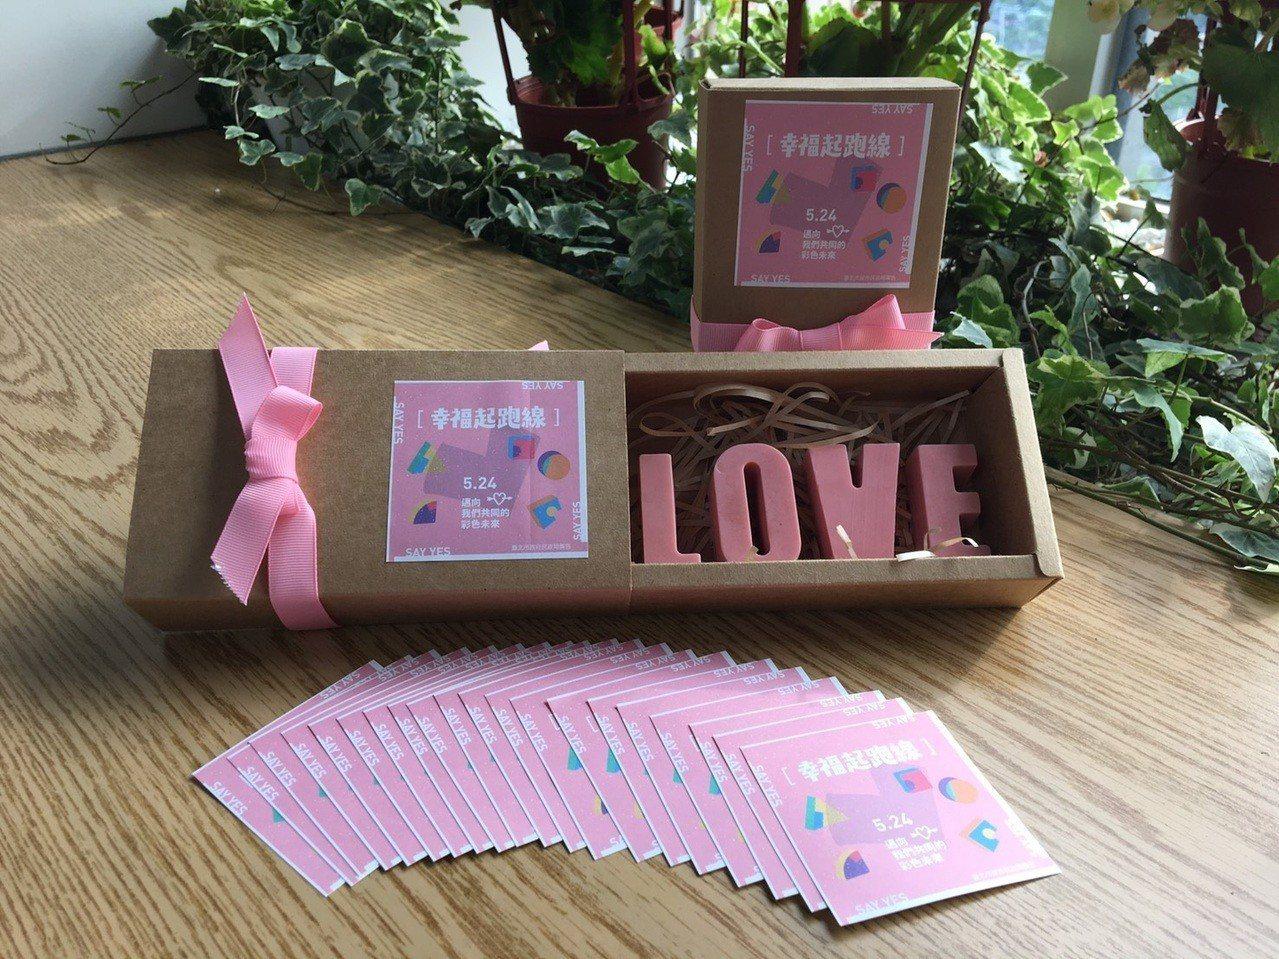 北市明天同性結婚登記將限量發送「邁向524 LOVE愛最大」手工皂紀念禮品,盼天...